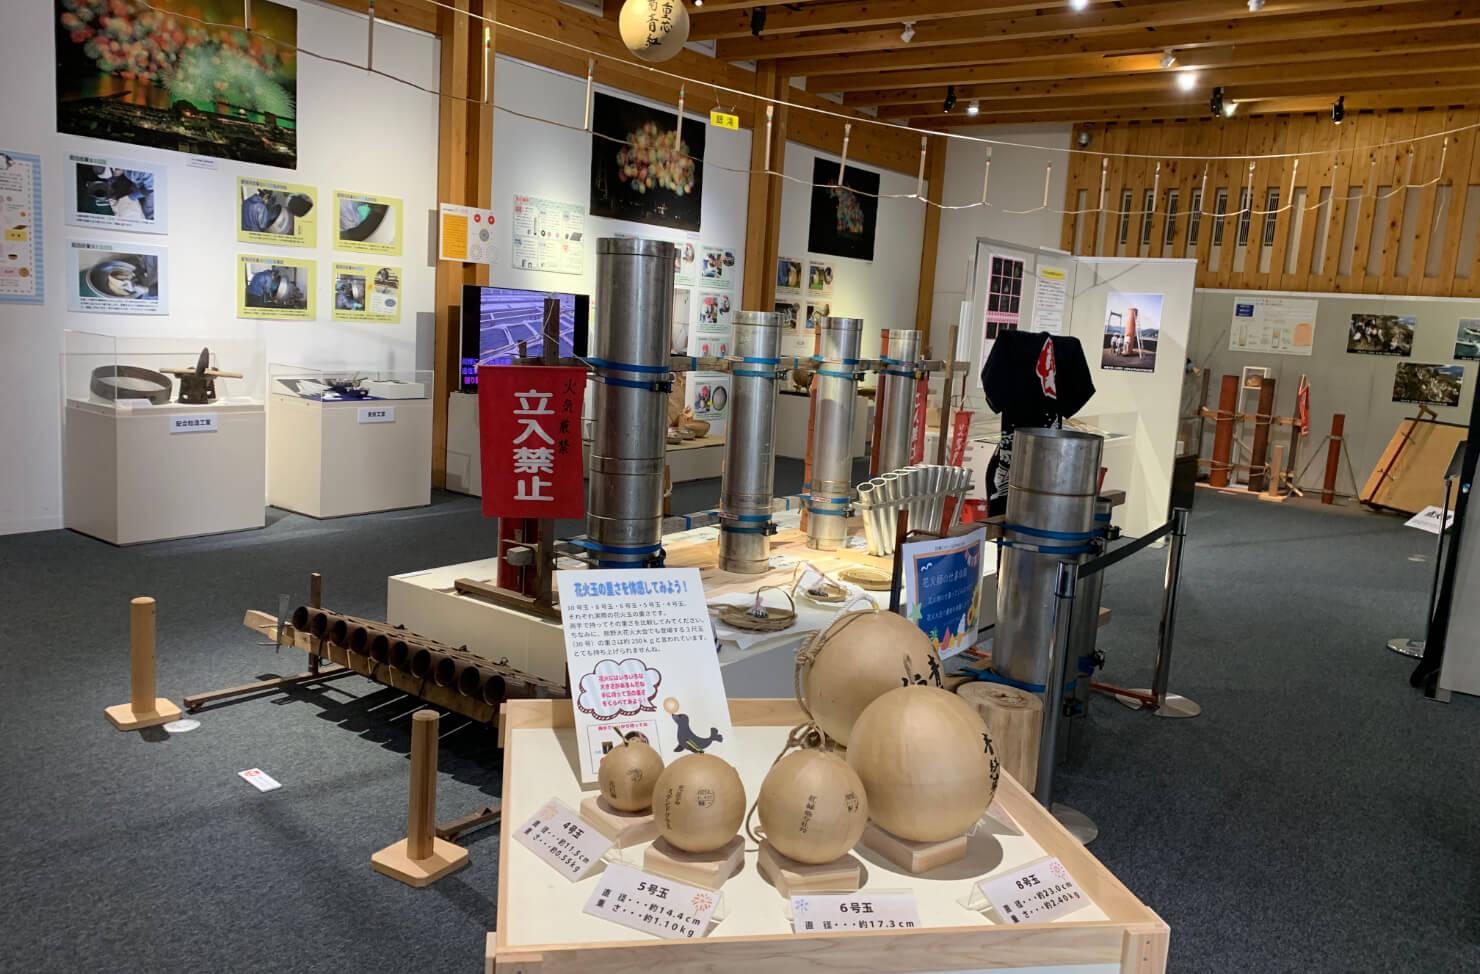 企画展示室には地域の人々のアート作品などが展示されています。